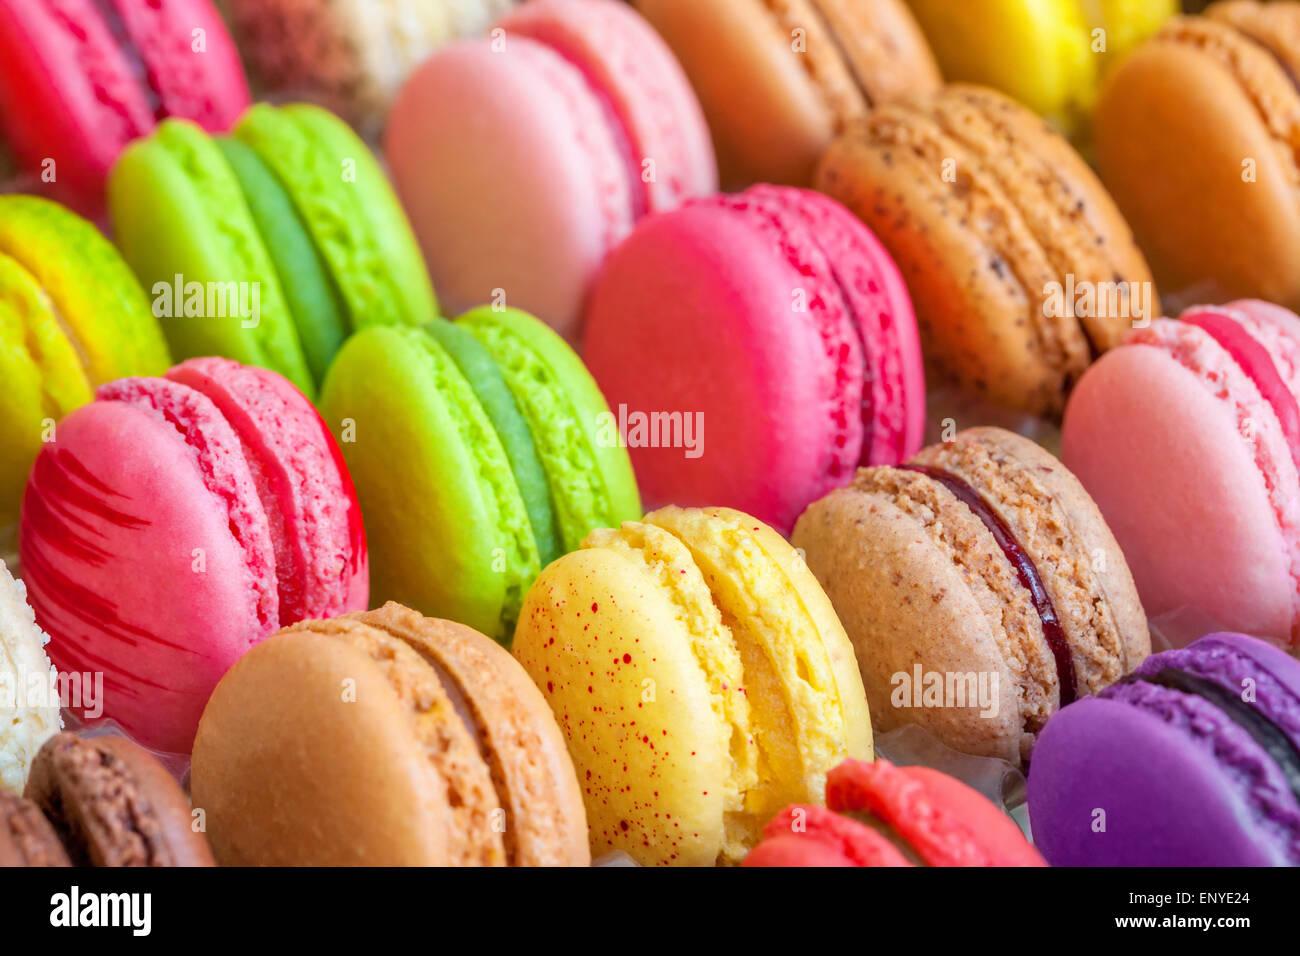 Tradizionale Francese macaron colorati in una scatola Immagini Stock